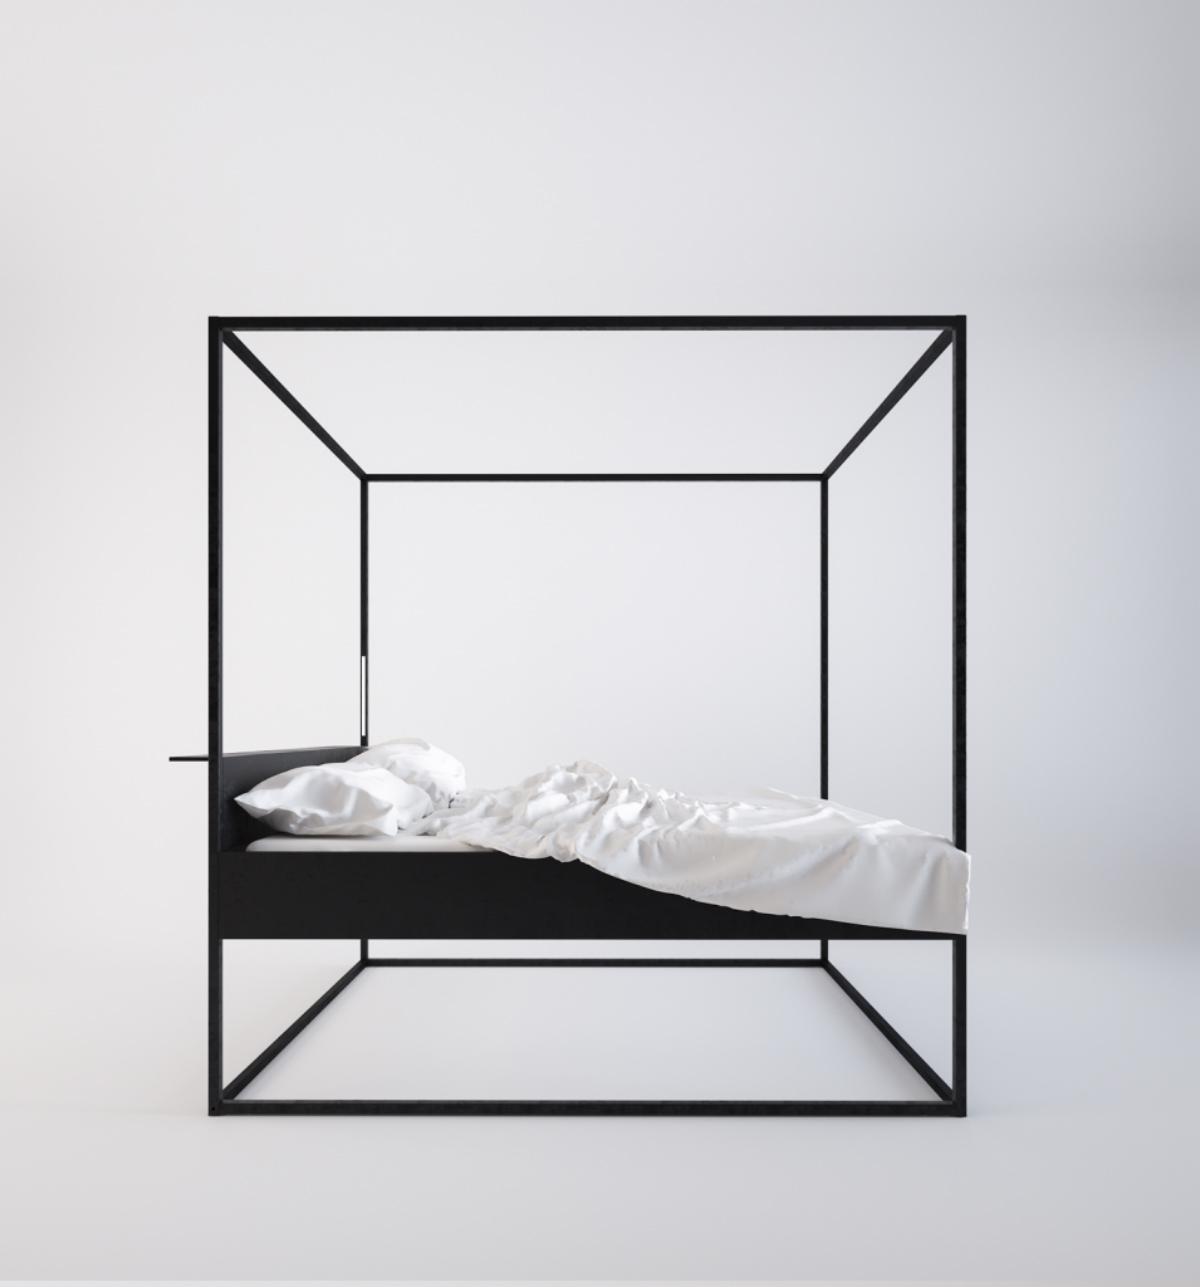 Top 5 Furniture Brands at Maison et Objet 2017 furniture brands Top 5 Furniture Brands at Maison et Objet 2017 BED LED BLACK web